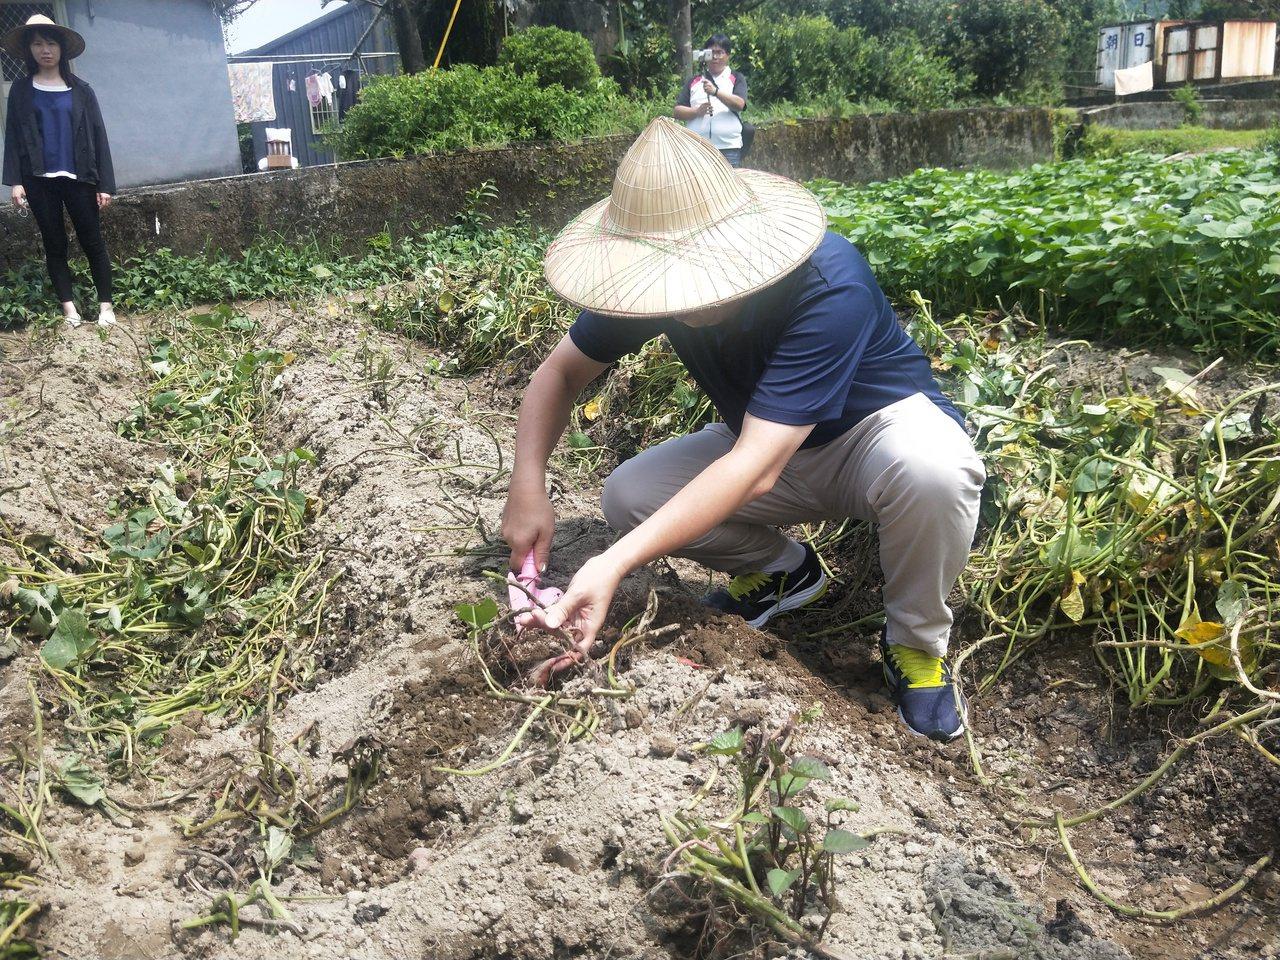 新北市金山汪汪地瓜園規畫專區教導民眾如何種地瓜苗、怎麼挖地瓜,還有如何親手操作焢...